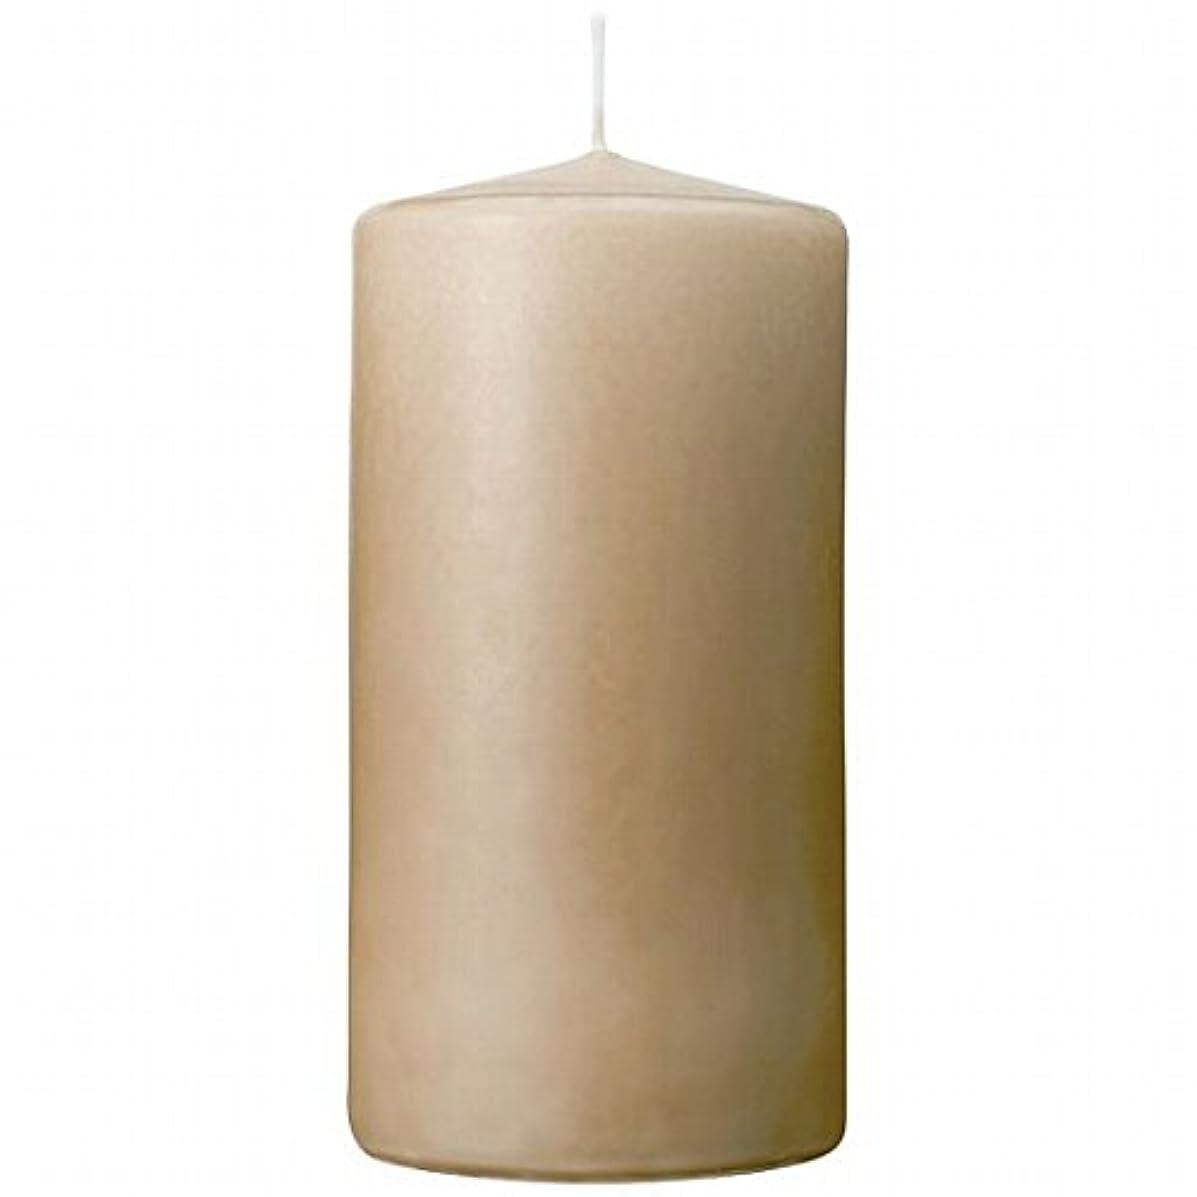 教会チャンバー家事をするカメヤマキャンドル(kameyama candle) 3×6ベルトップピラーキャンドル 「 ベージュ 」